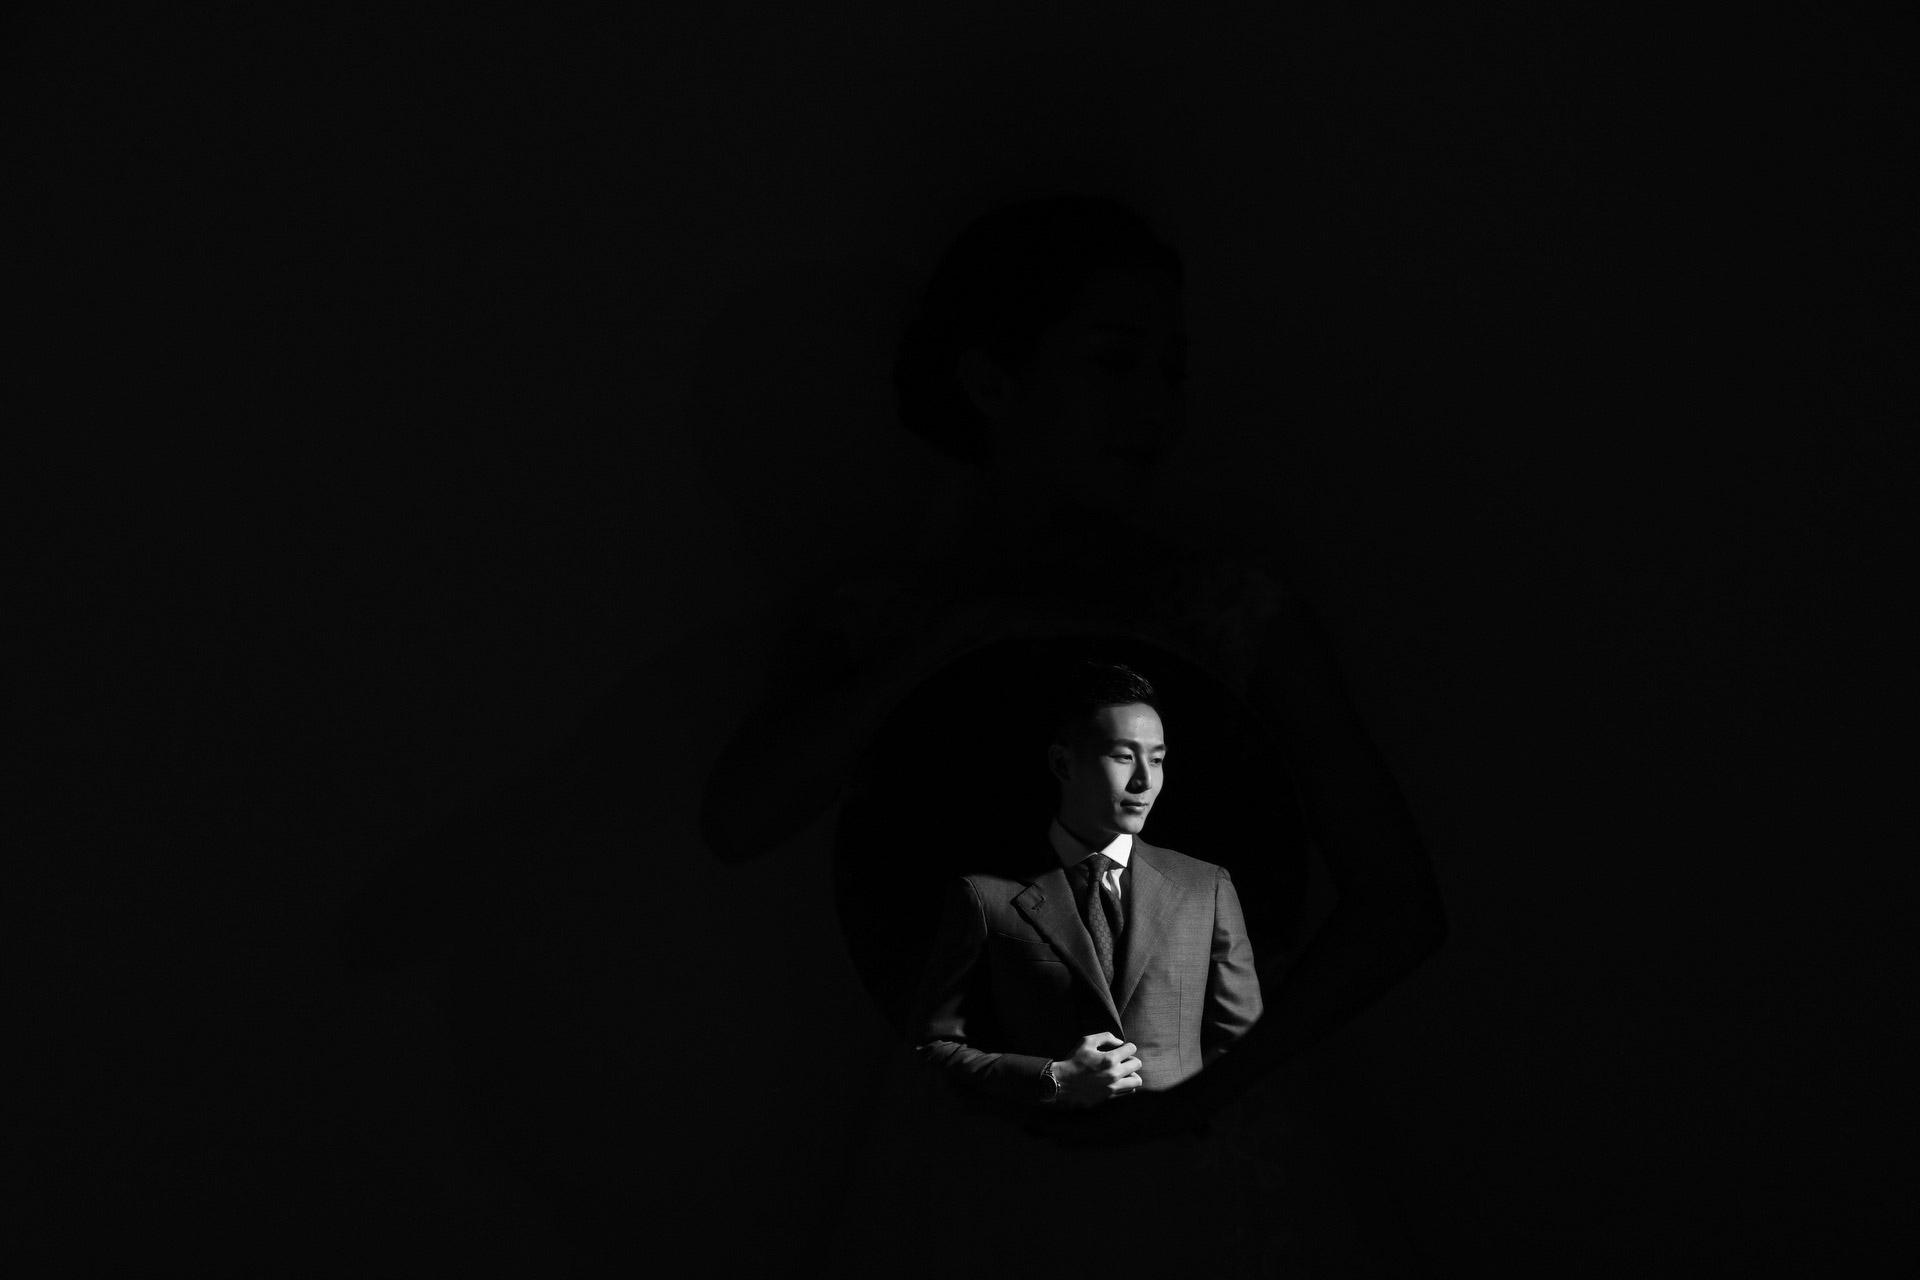 © Ванли Ли, Победитель категории «В студии фотохудожника», Фотоконкурс WPPI Annual Print Competition